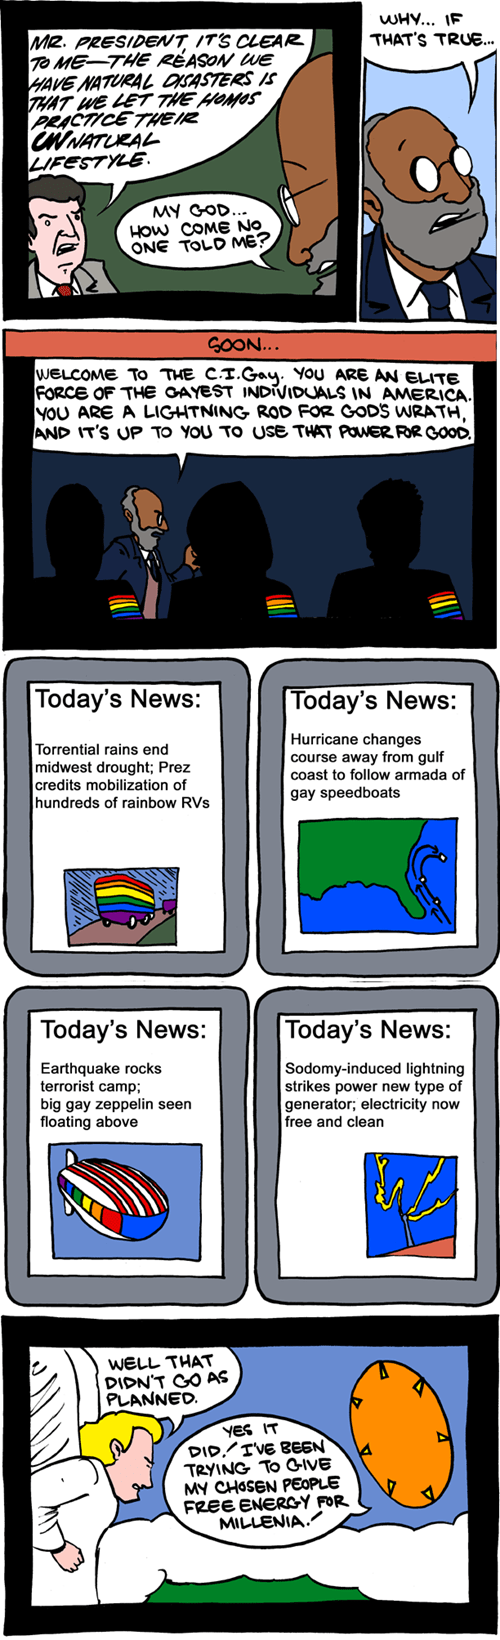 god wtf government mindwarp gay jk web comics - 8267296256